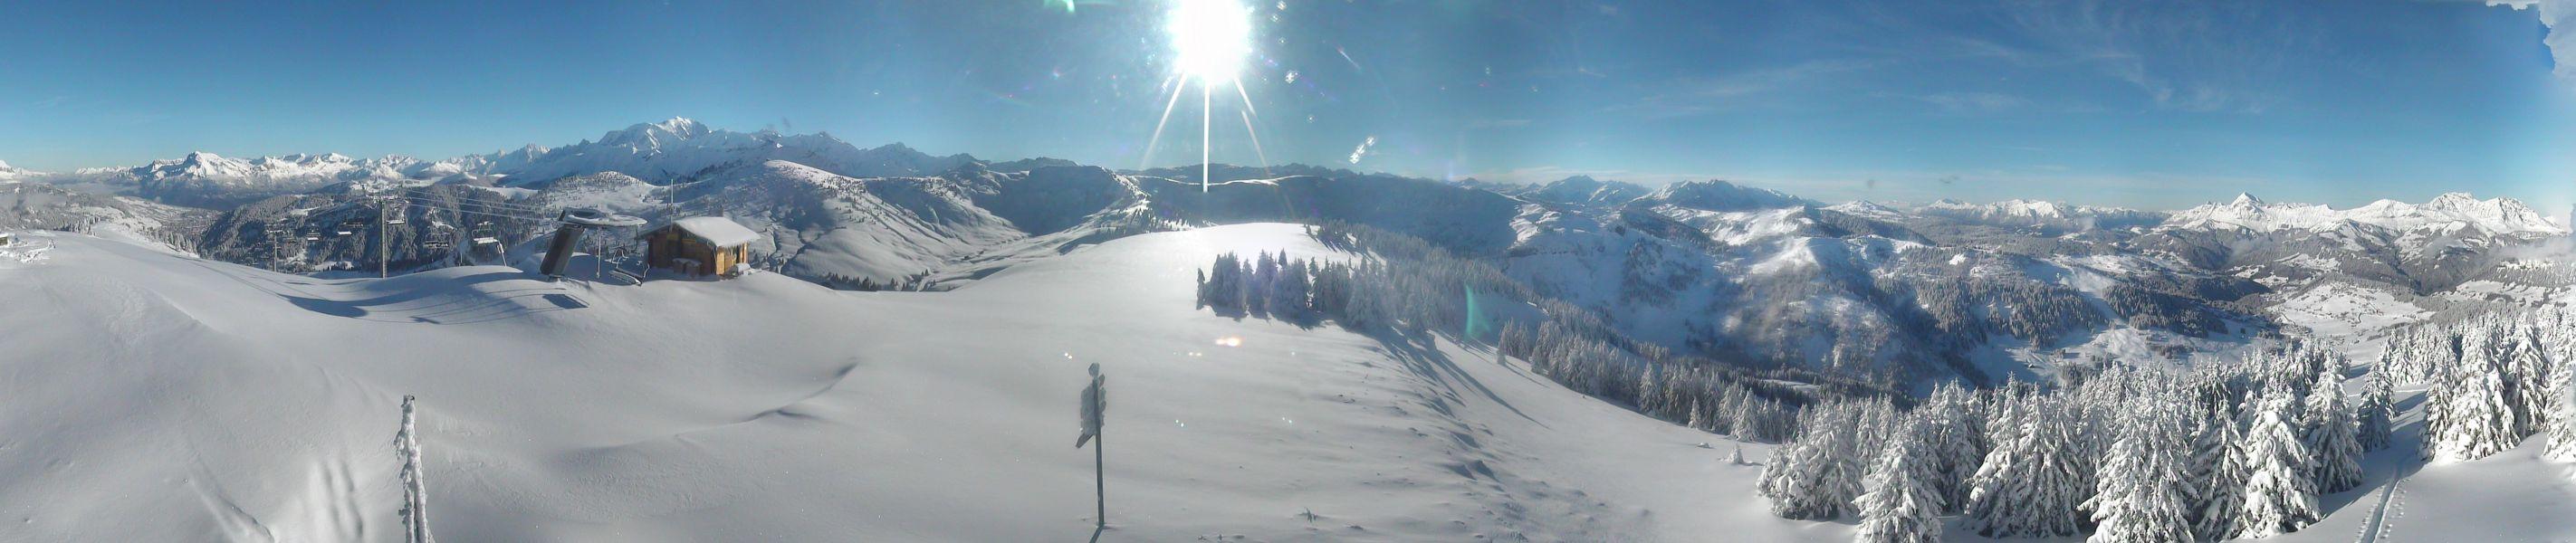 Encore plus d'un mois à patienter avant l'ouverture du domaine alpin...